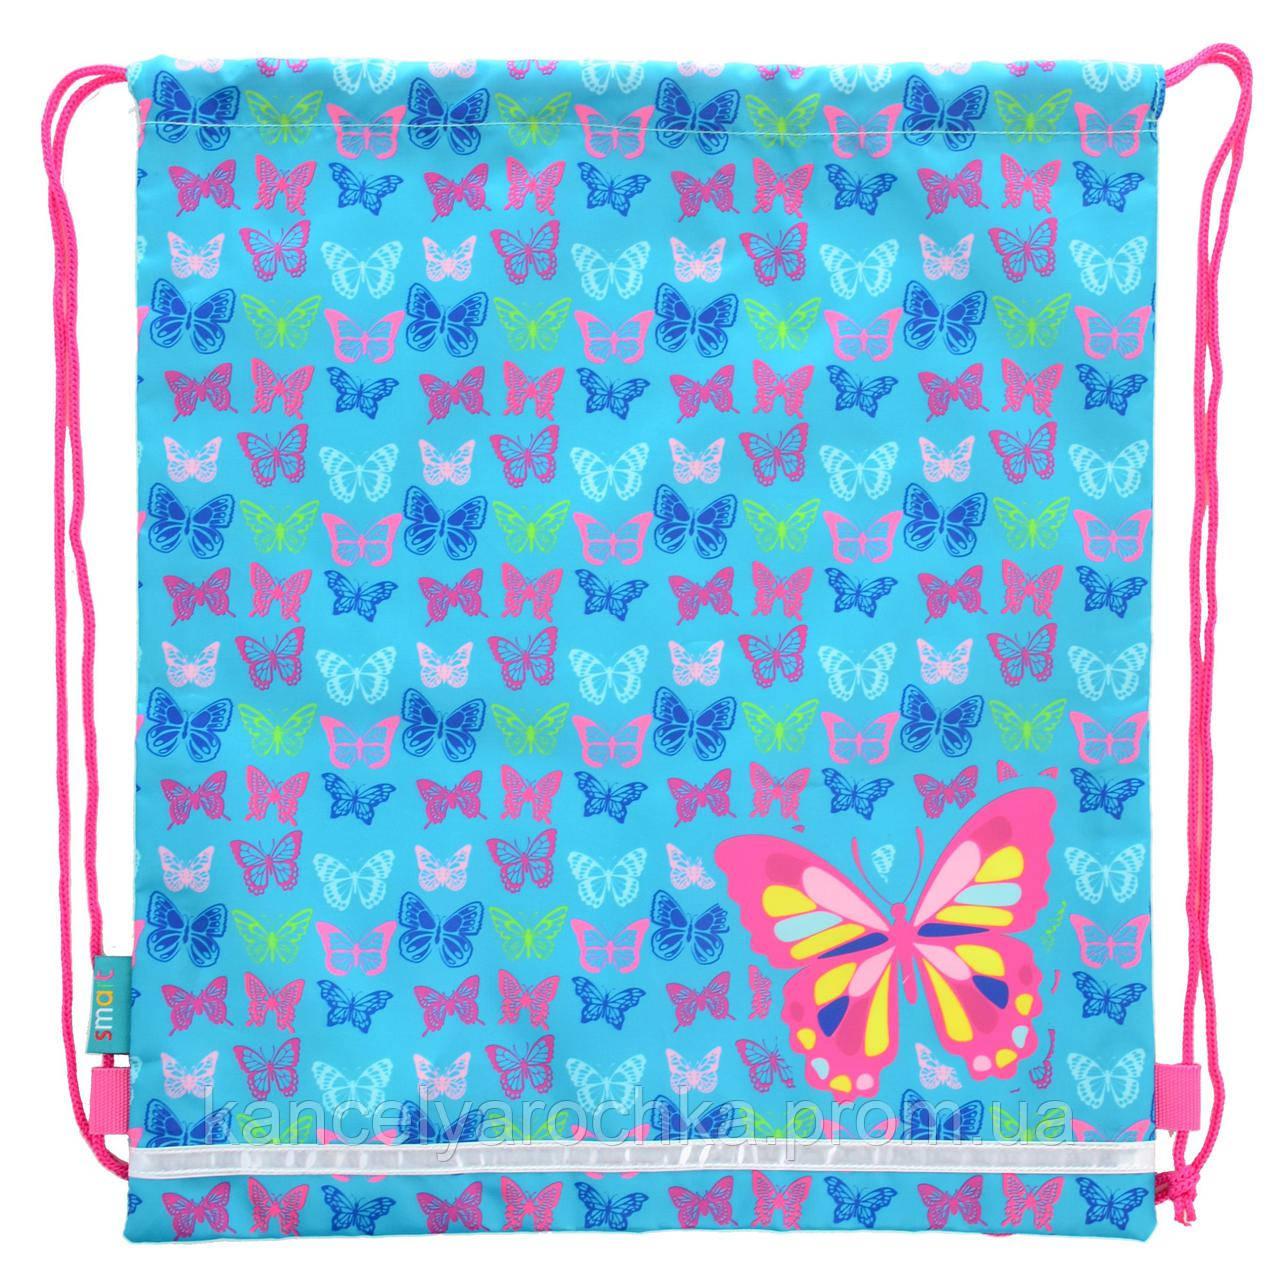 Сумка для обуви SB-01 Butterfly blue 1 вересня